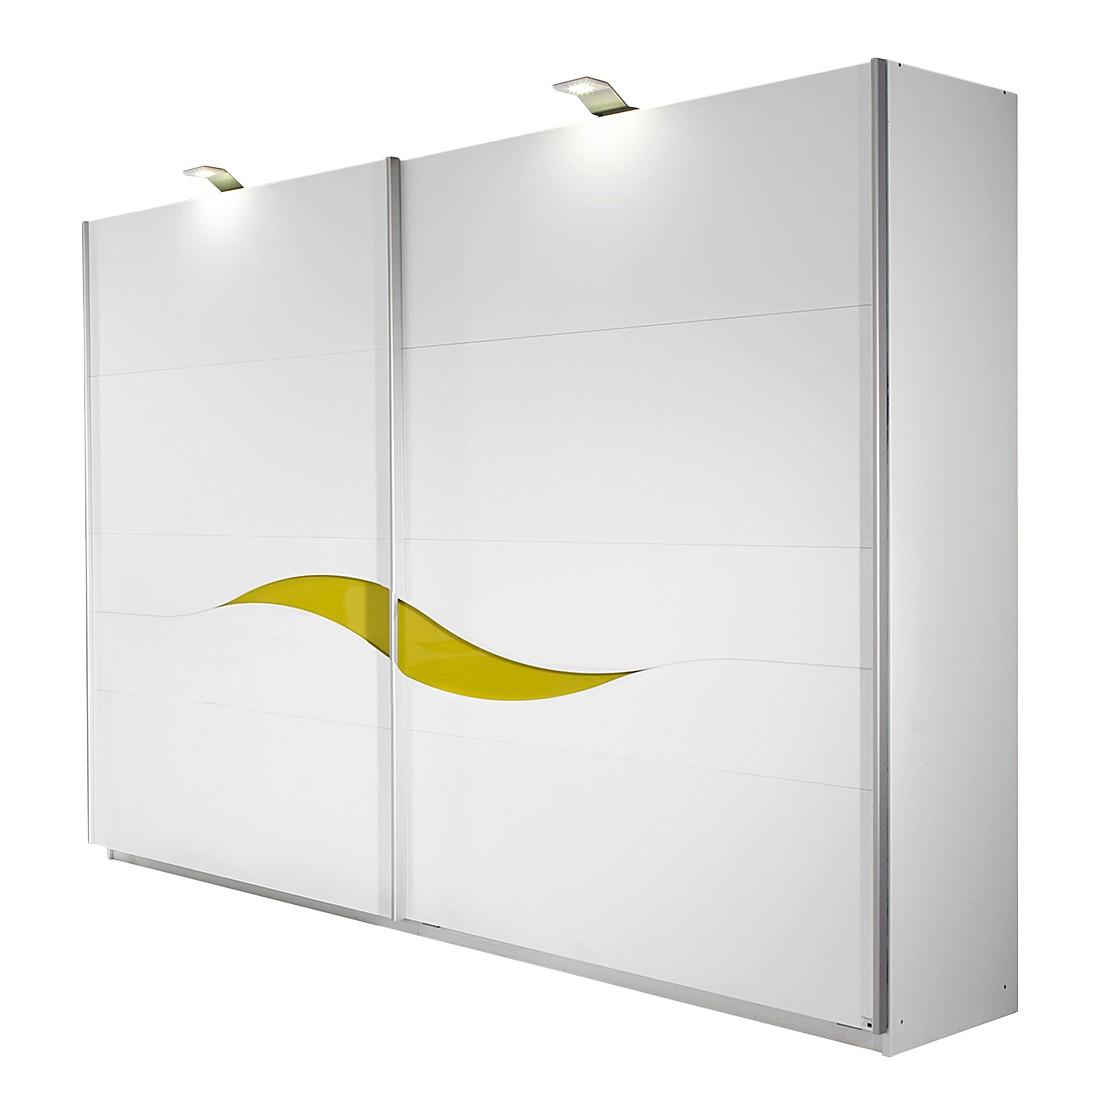 Schwebetürenschrank Onella - Alpinweiß/Glasabsetzung Limette (Schrankbreite: 270 cm)